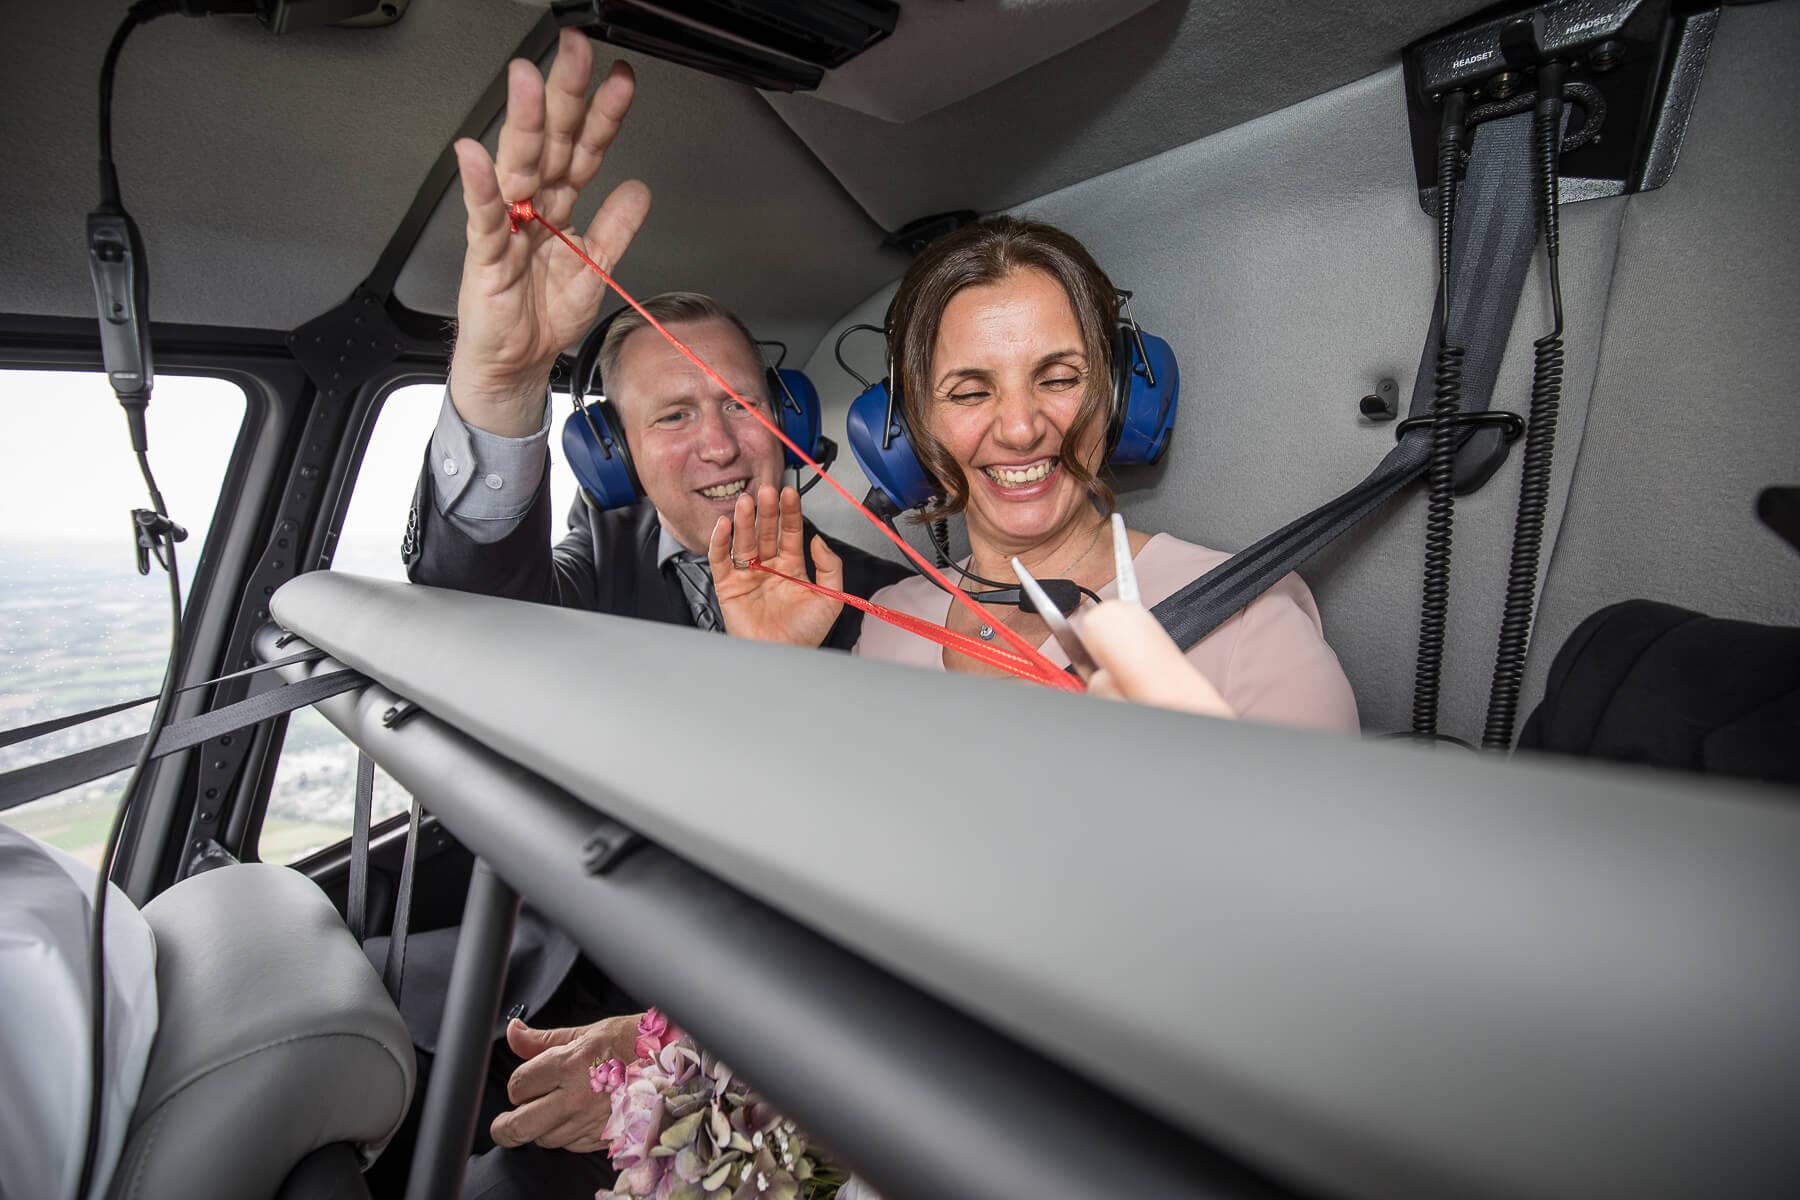 Hochzeitsreportage  Fotograf  Lufthochzeit im Hubschrauber  Hangelar 05